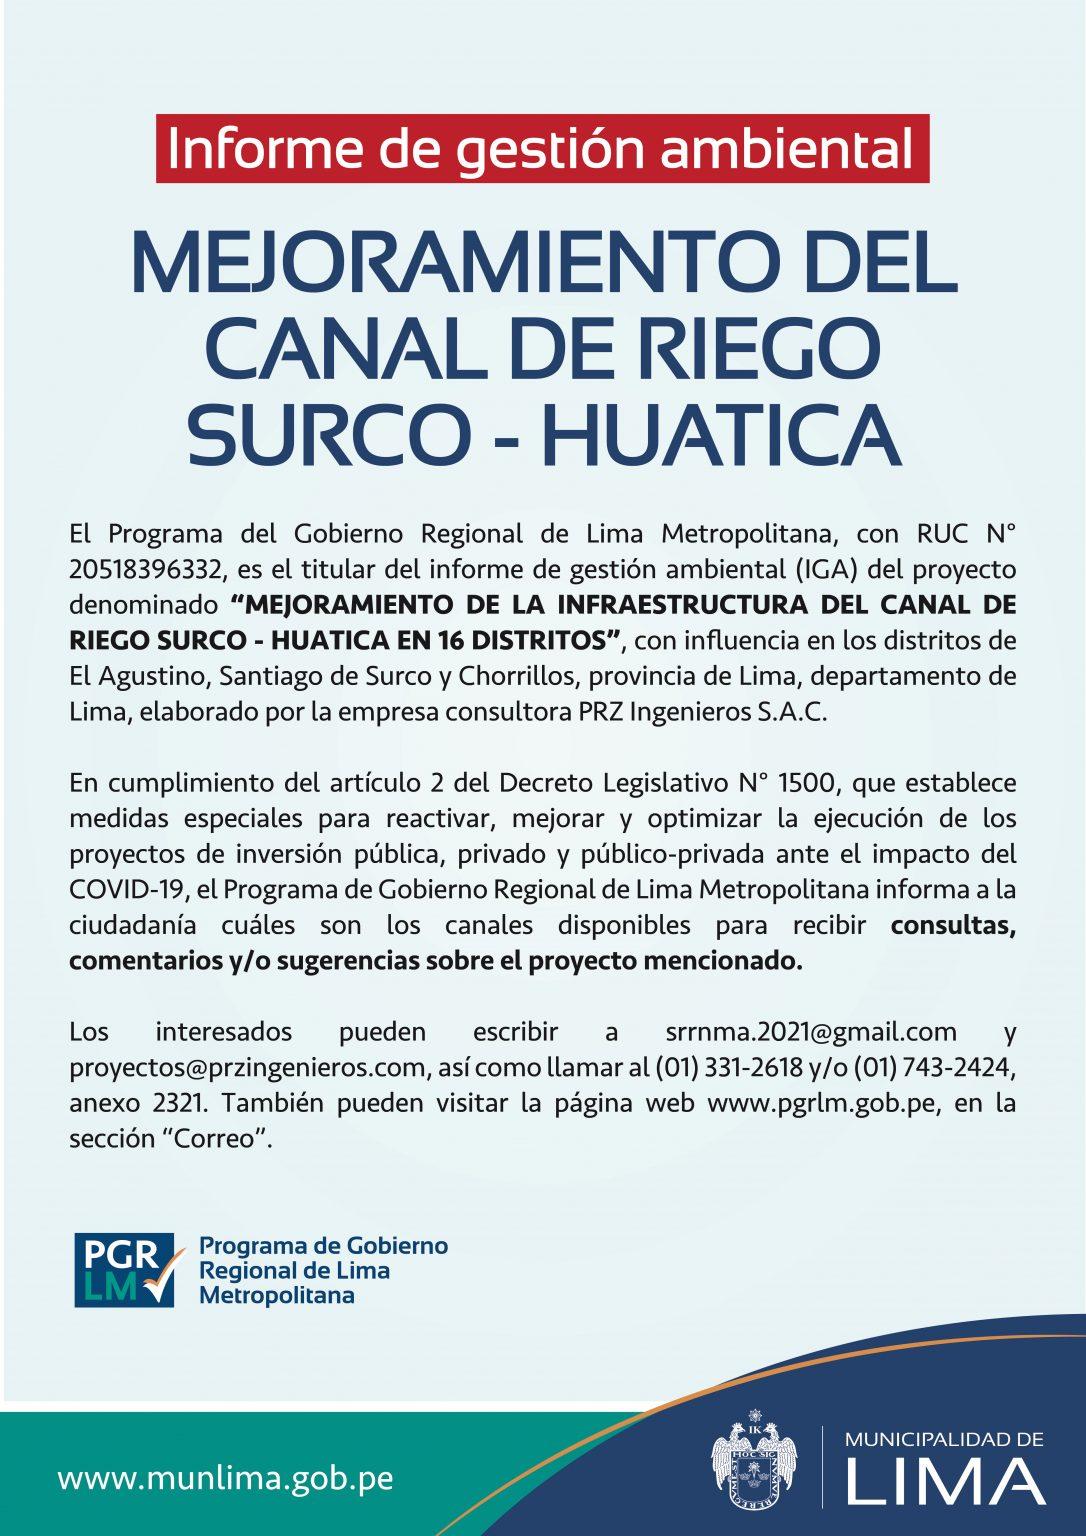 Canal Surco Huatica